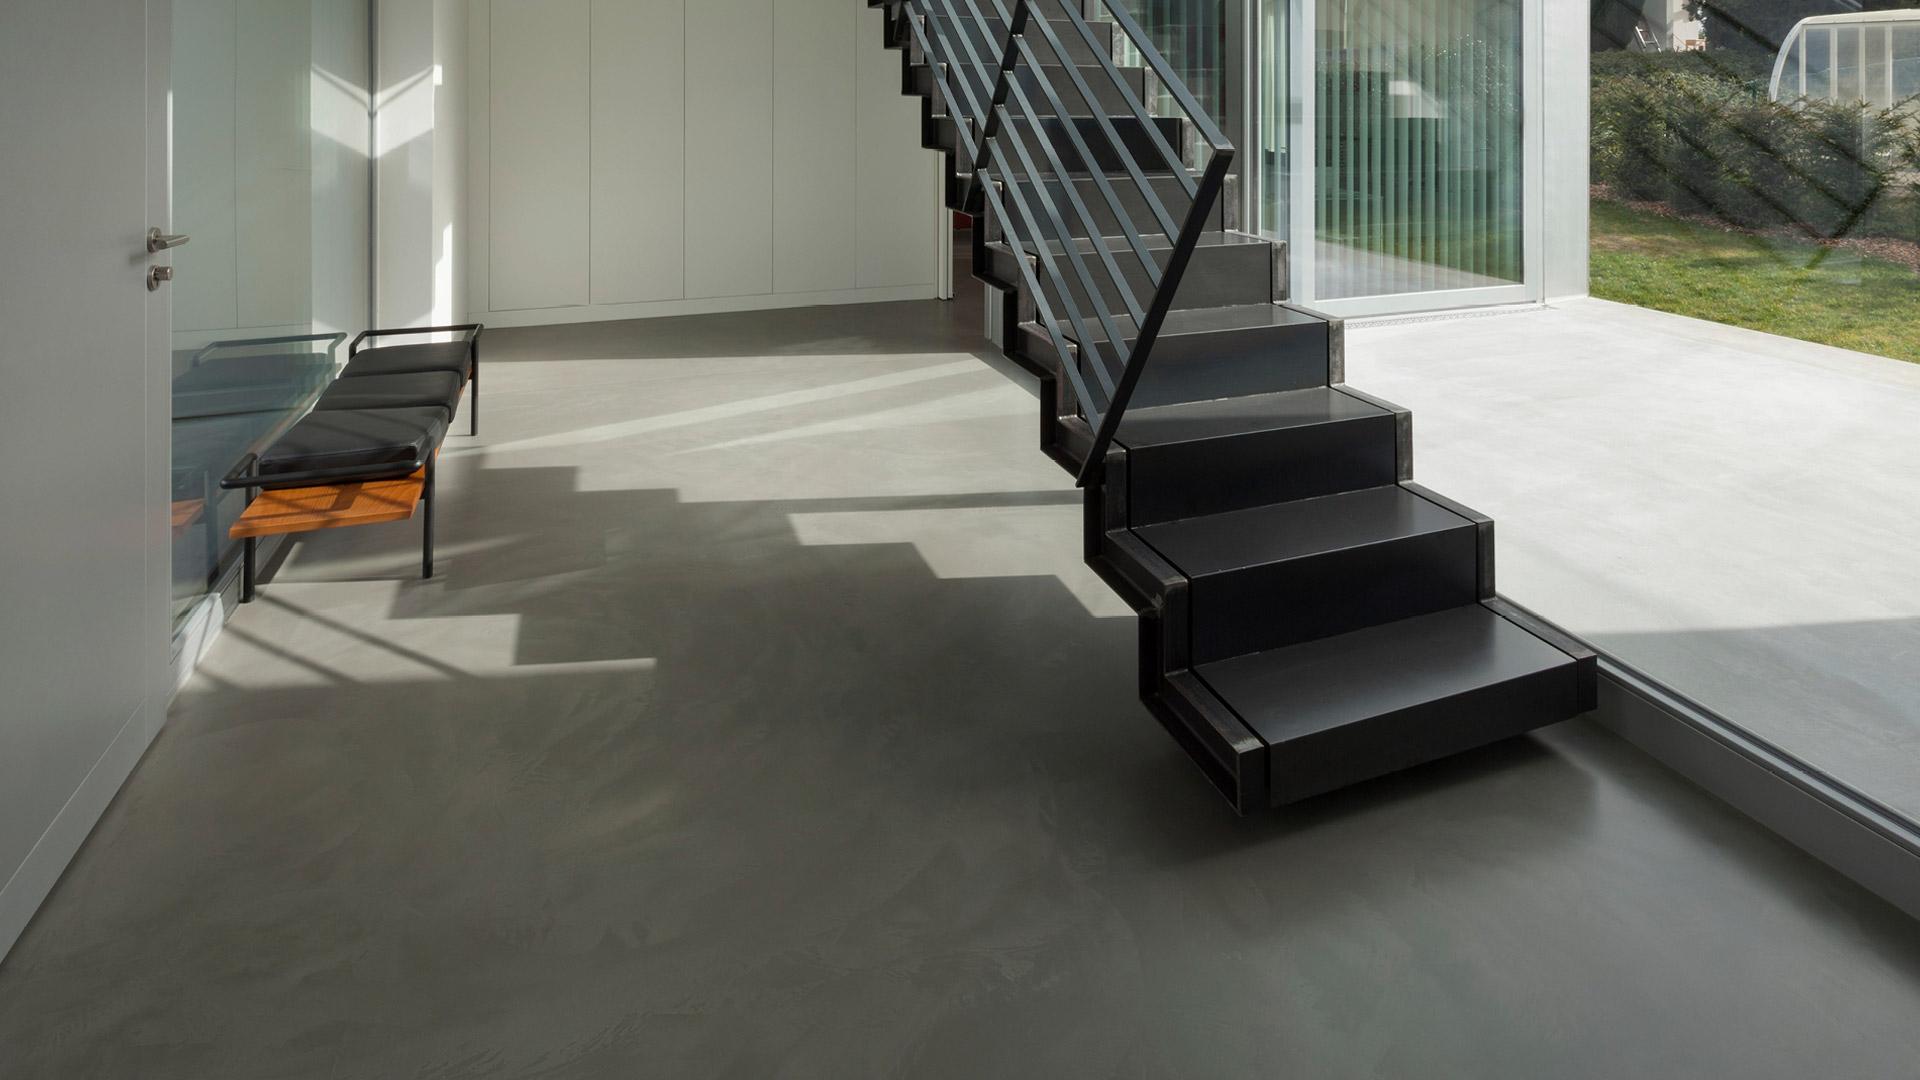 Pavimenti In Cemento Resina : Errelab crea in resina rivestimenti per pavimenti e pareti